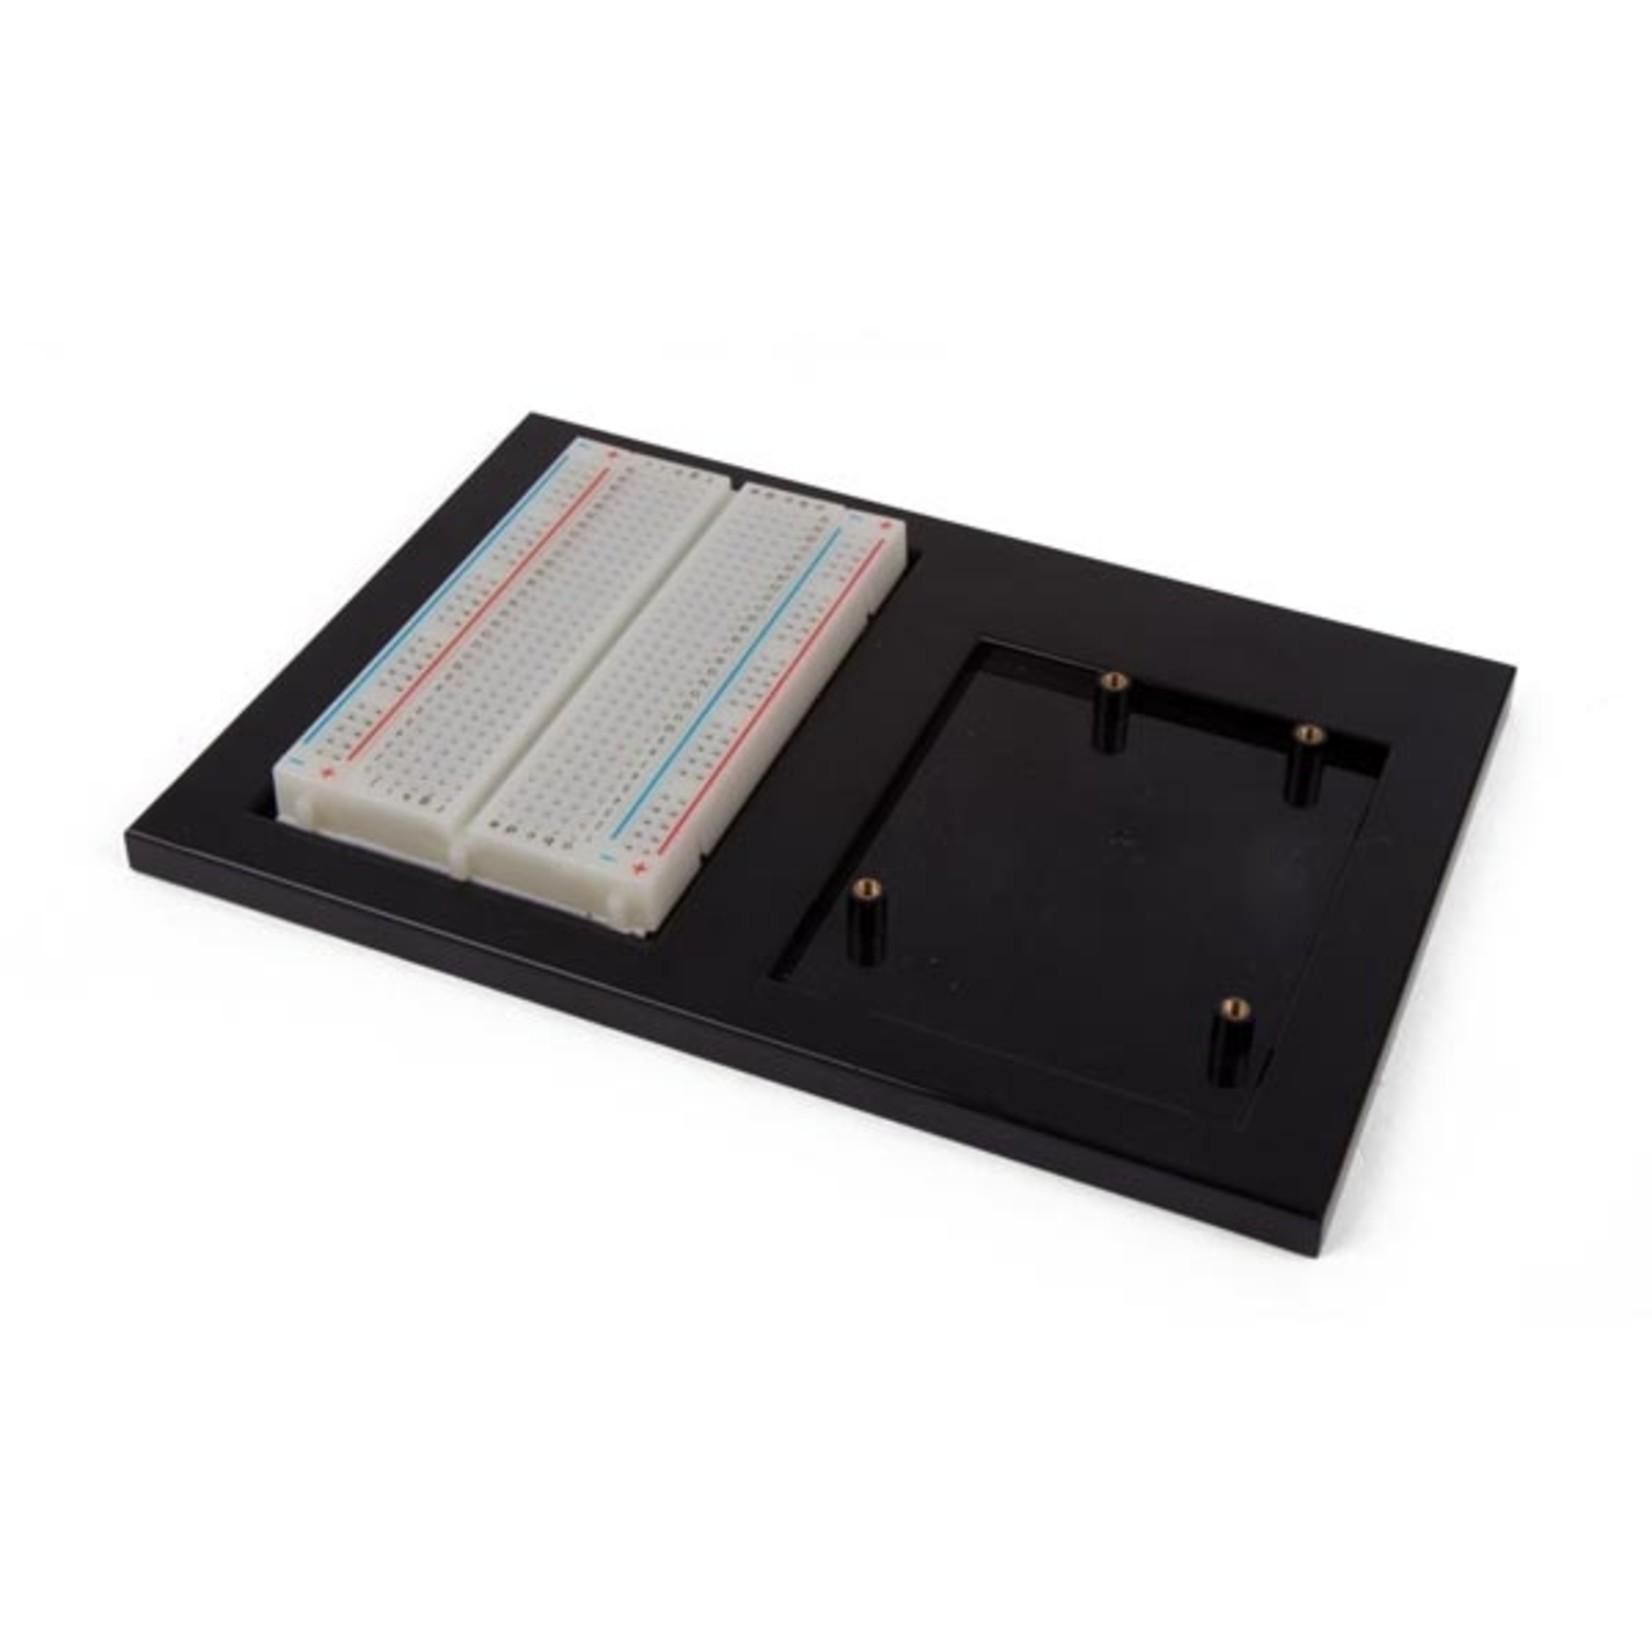 Velleman Support de projet pour Arduino UNO + platine d' expérimentation